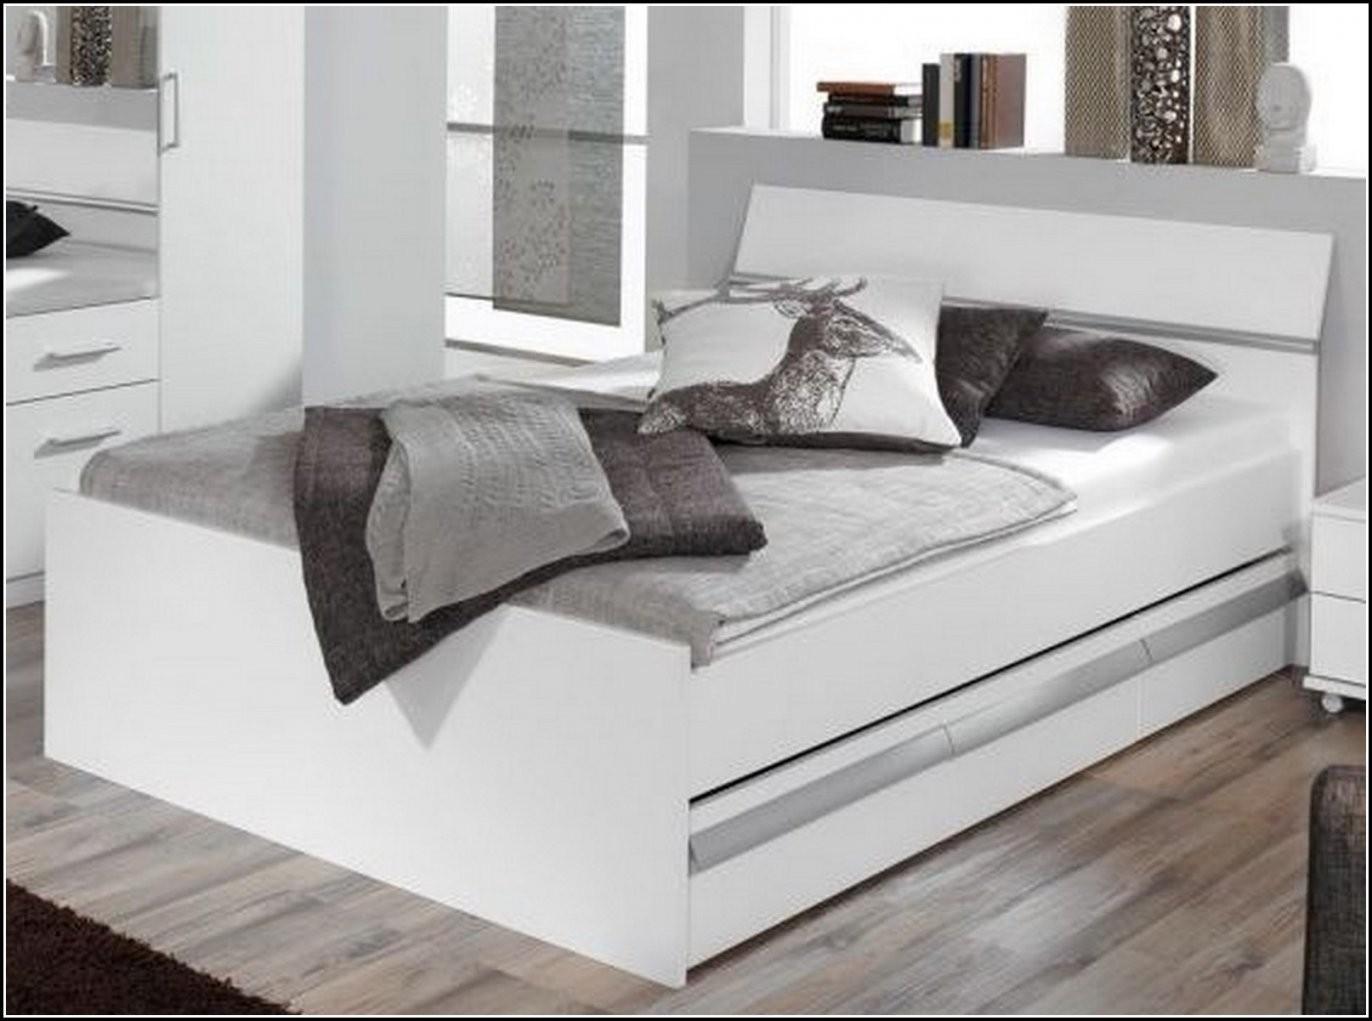 Ikea Malm Bett Mit Bettkasten Betten Hause Dekoration Bilder Avec von Ikea Betten 180X200 Mit Bettkasten Photo